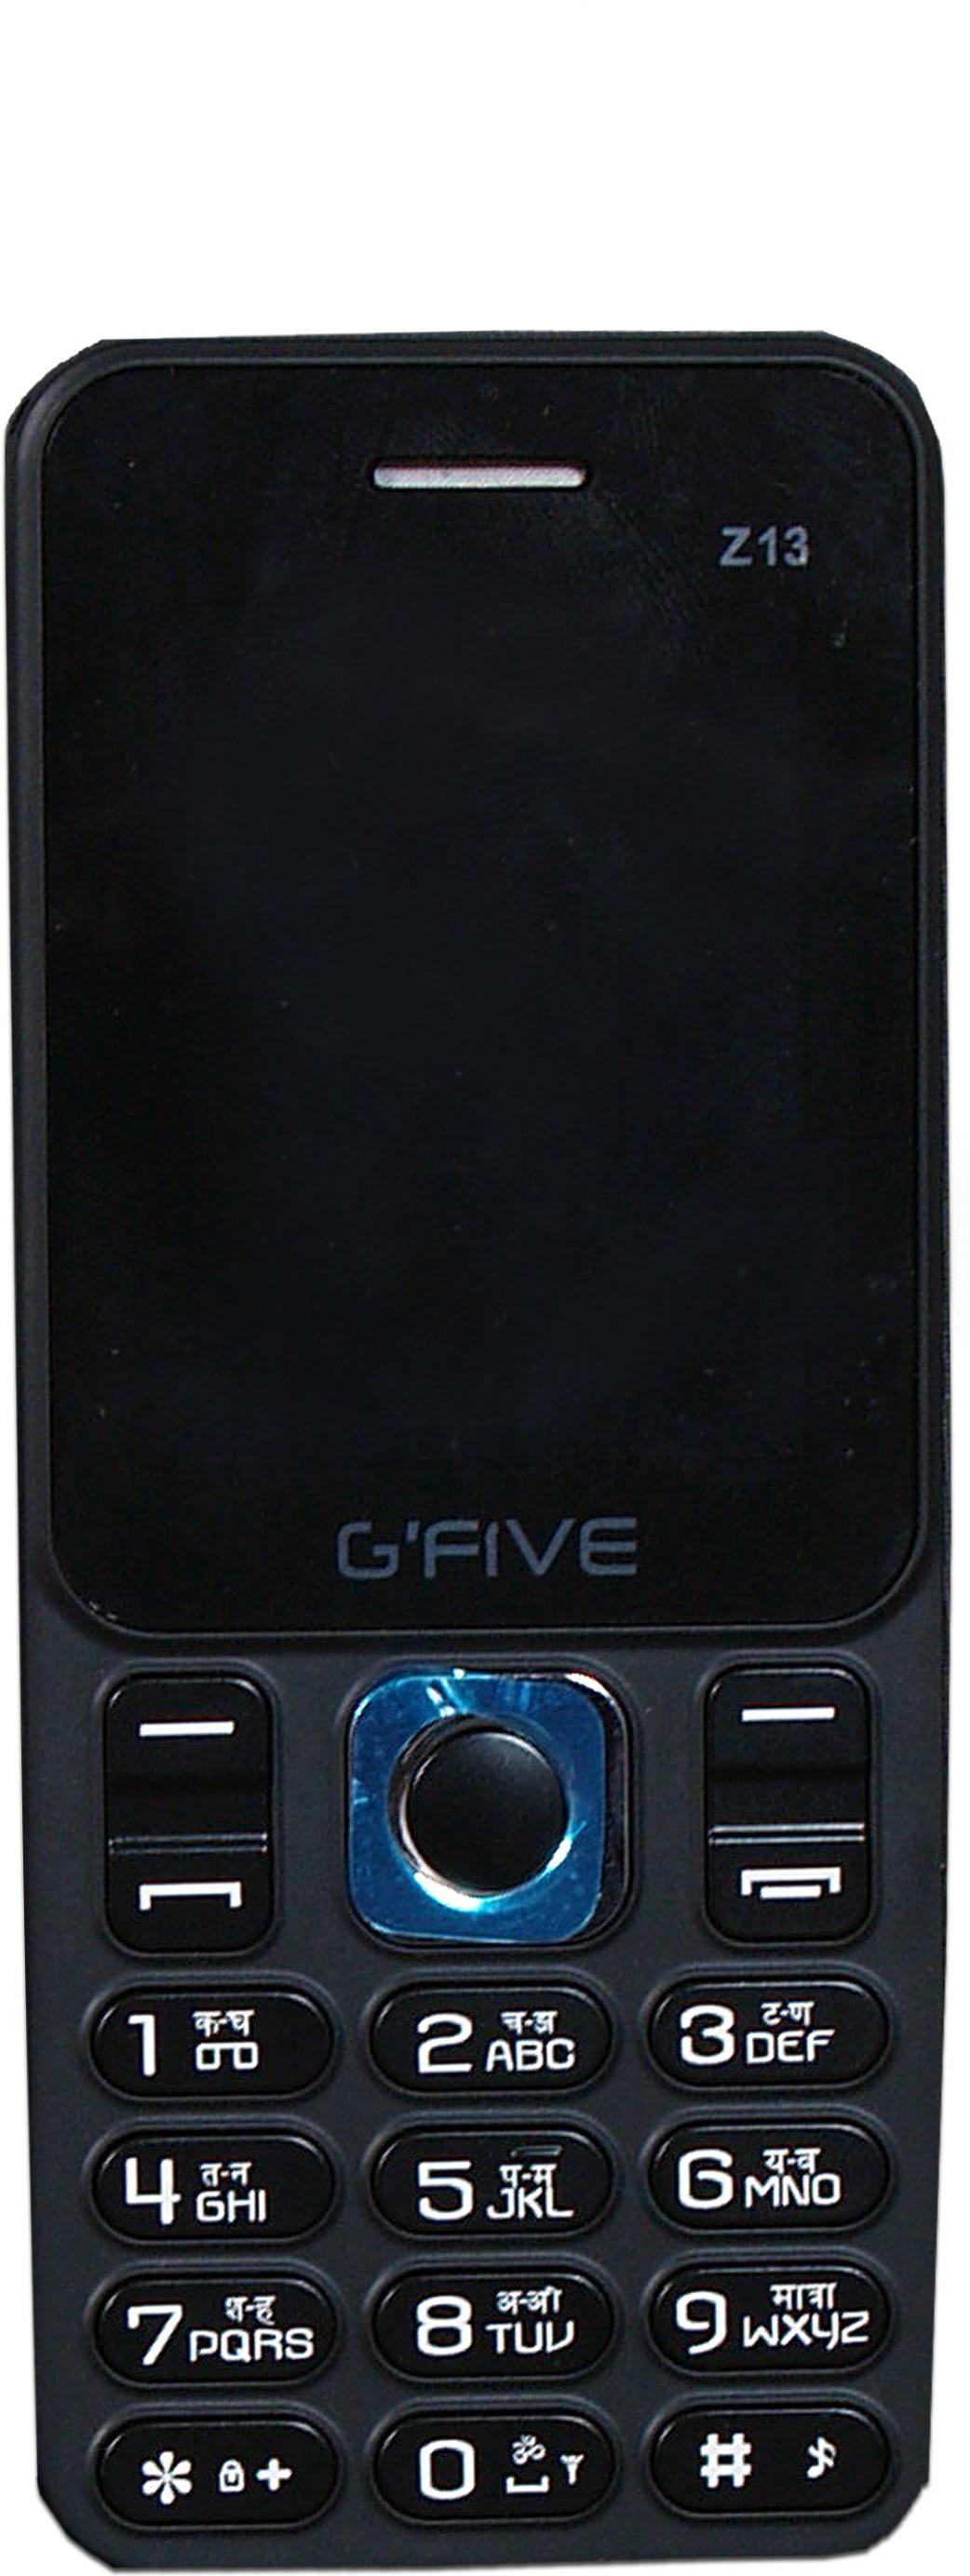 Gfive Z13(Black)